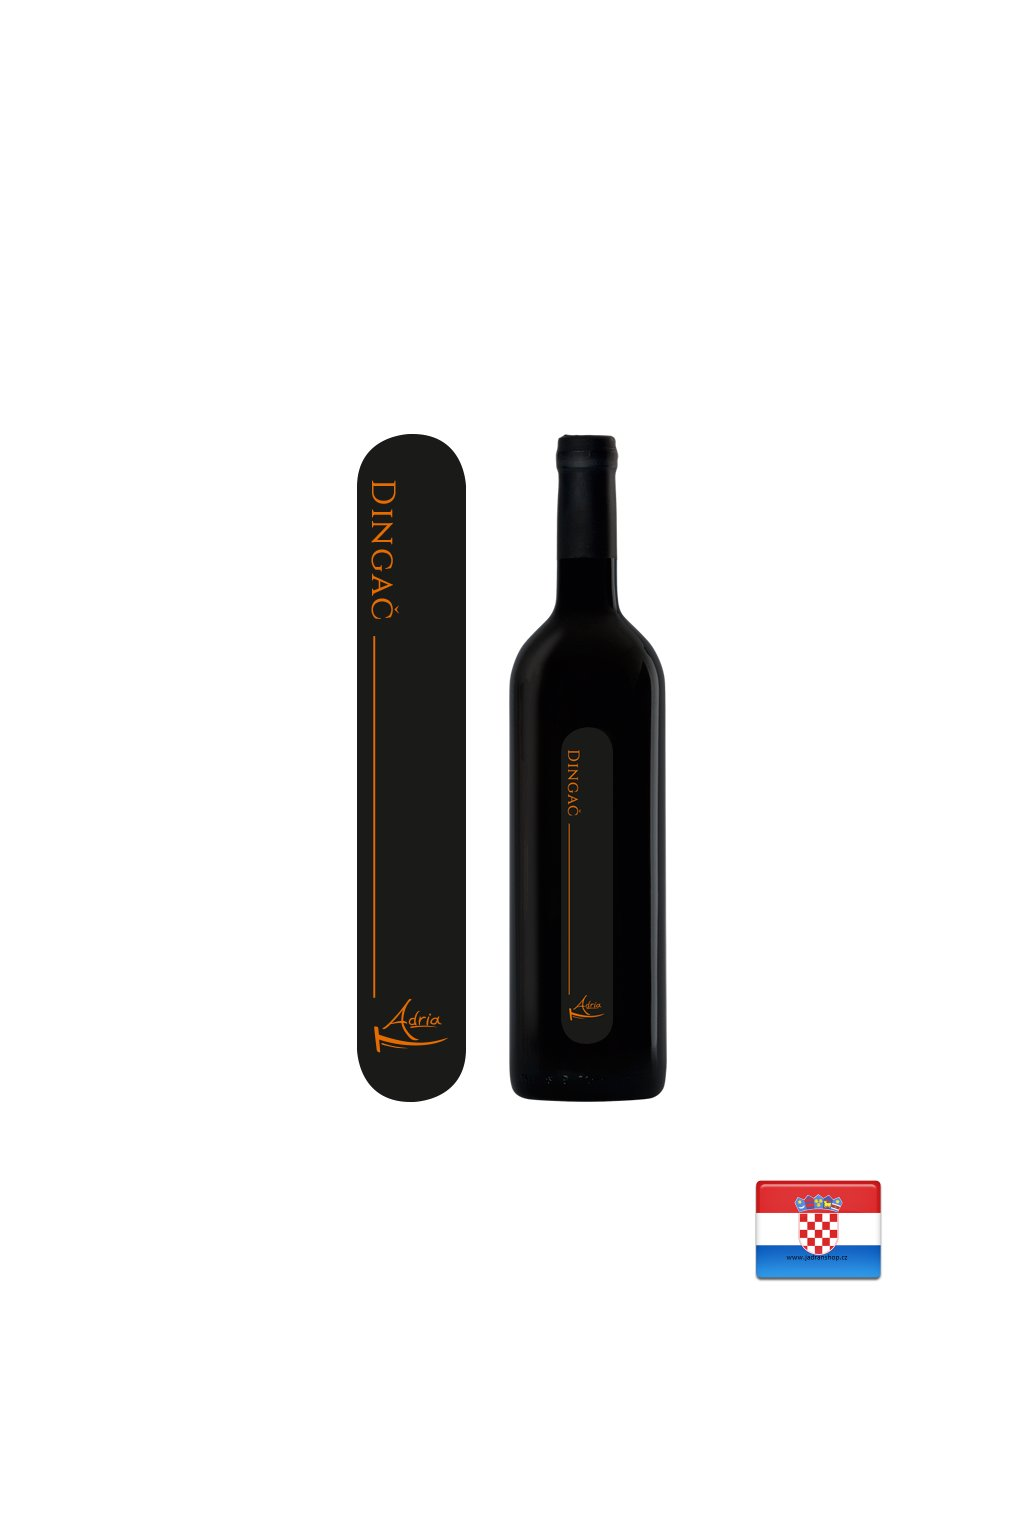 Wino czerwone wytrawne Dingač 0,75l  Dingač - Vina Palihnić Pelješac